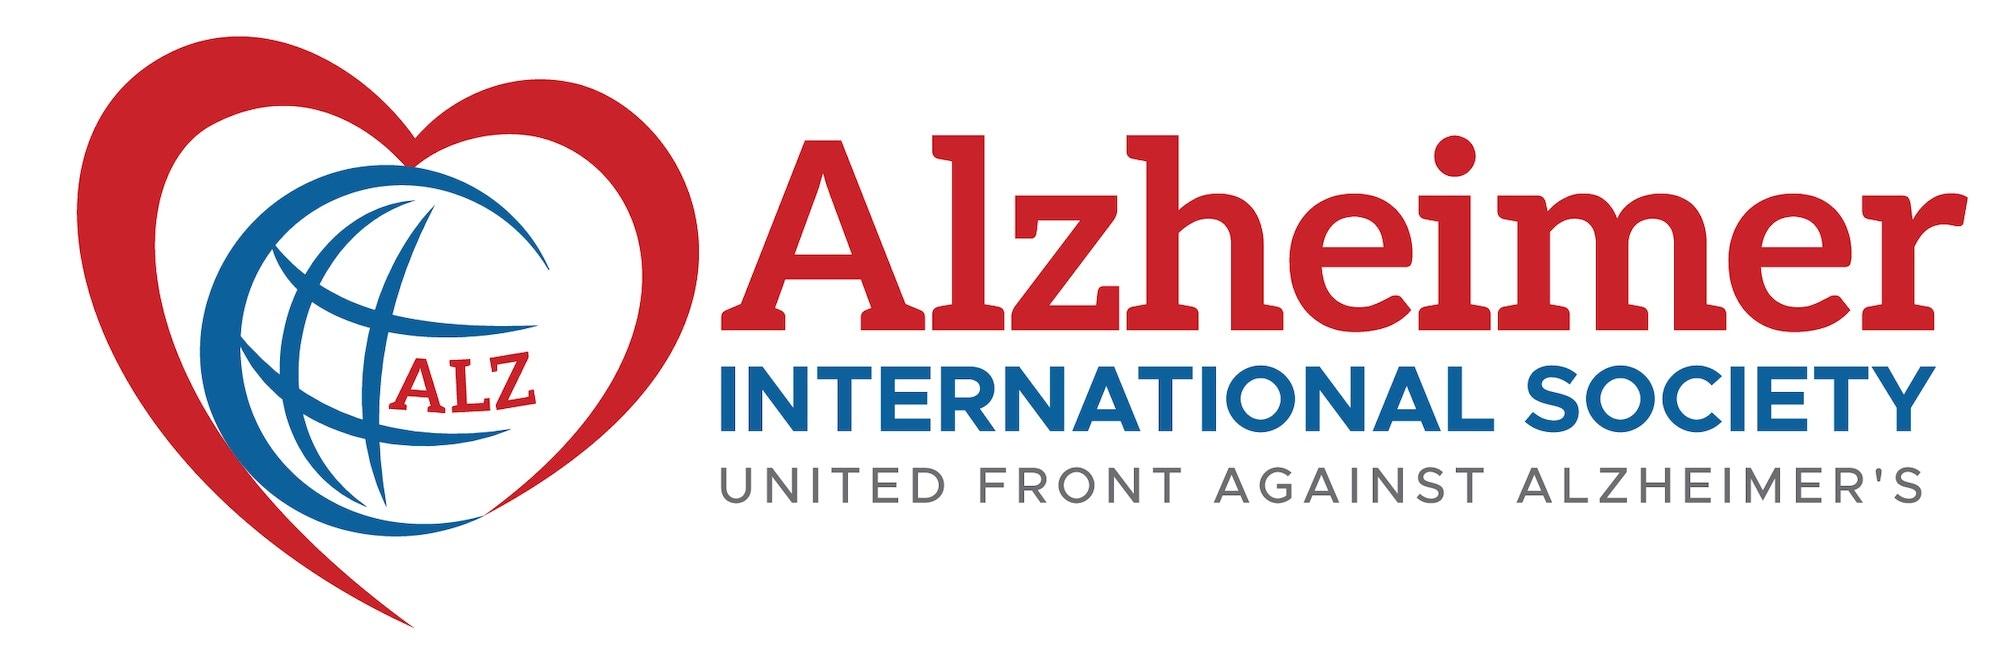 Alzheimer International Society